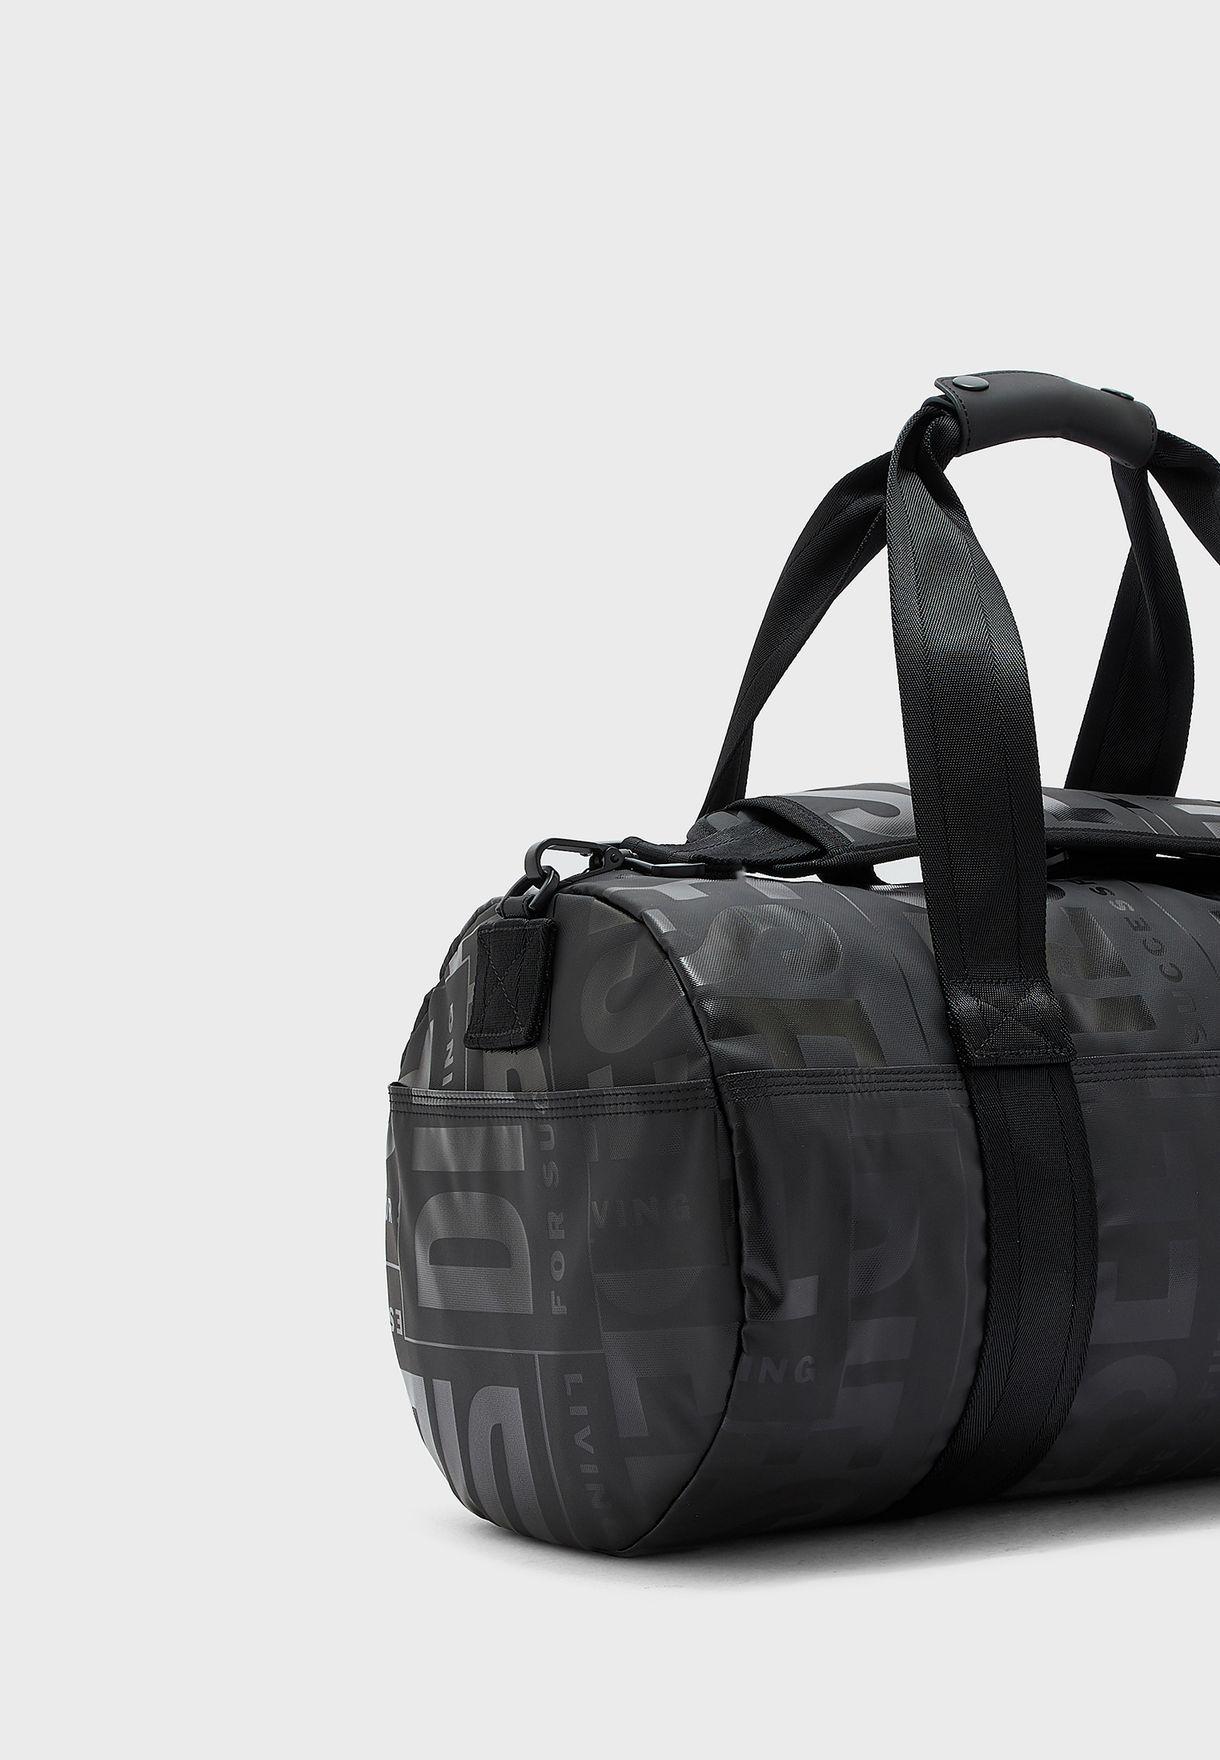 X-Bold Duffle Bags